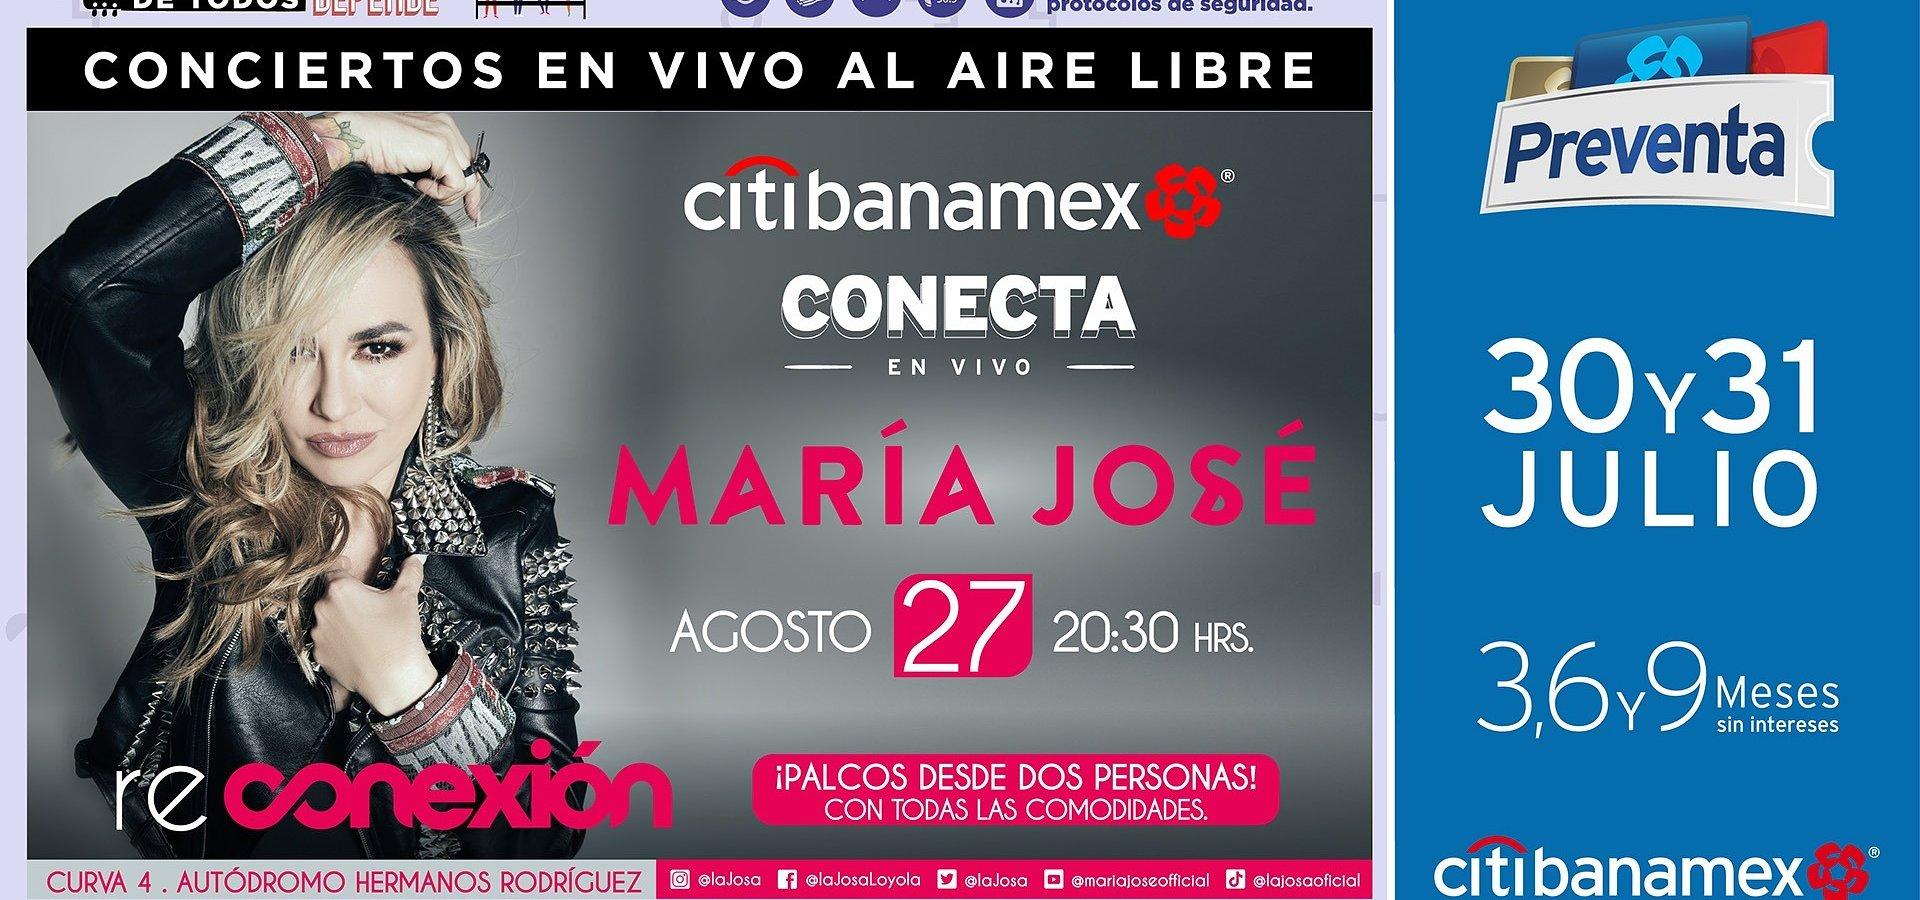 María José presentará su tour RE.CONEXION 2021 en la CDMX